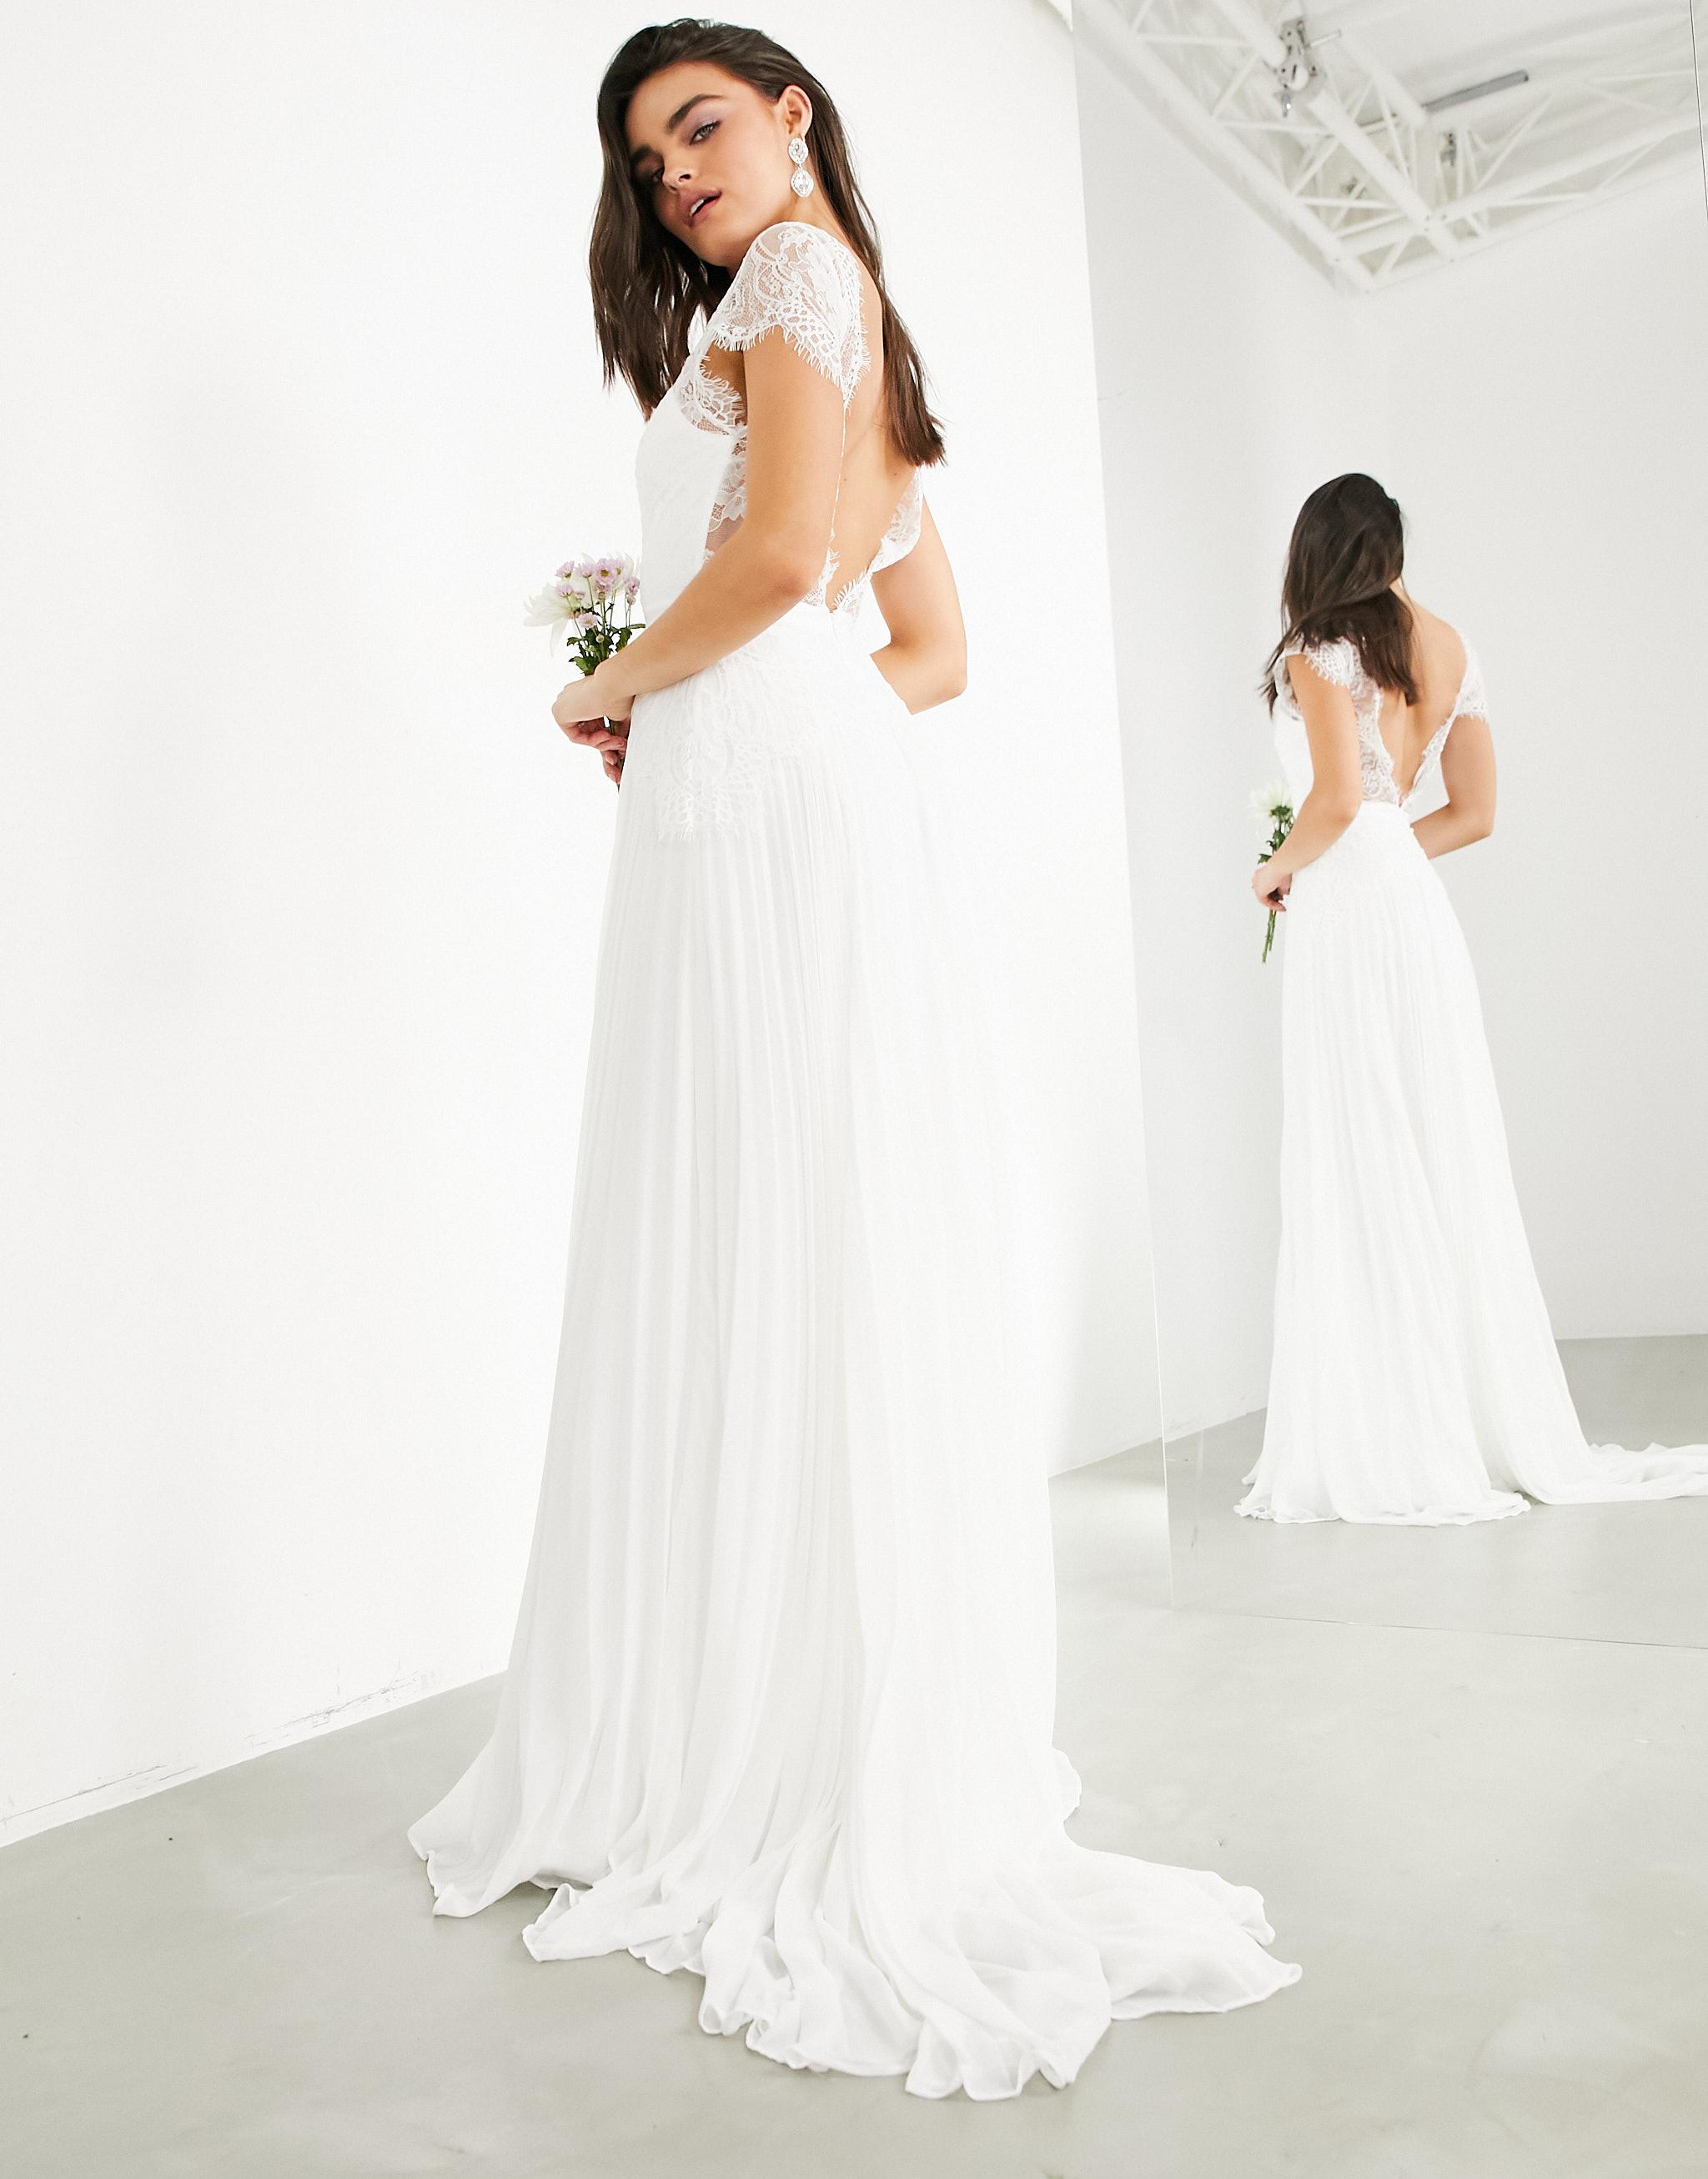 Vestido de novia de encaje con escote y falda plisada